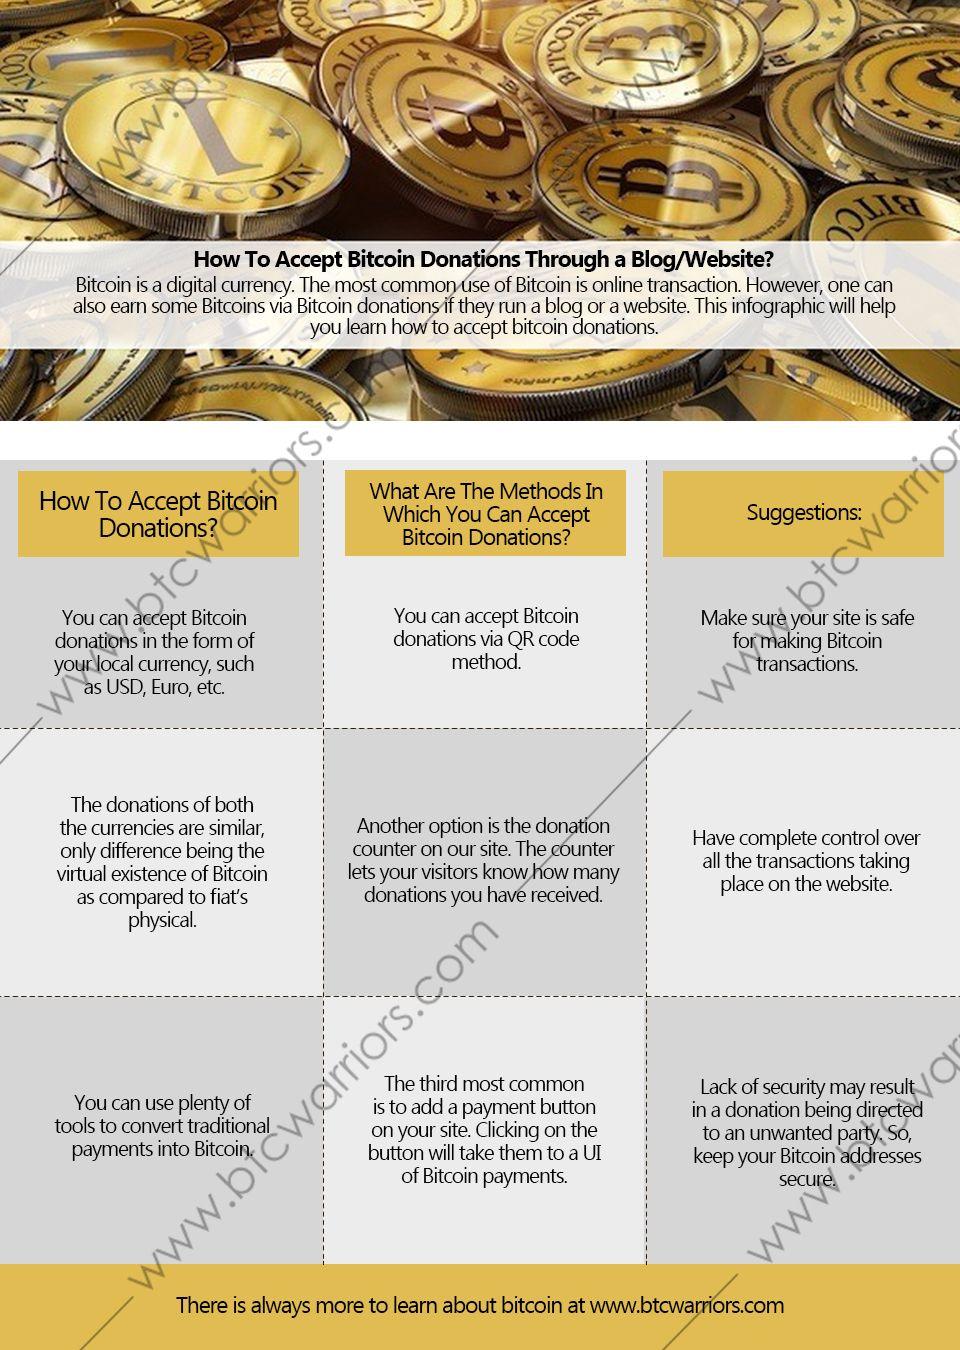 Bitcoin donations btc bitcoin bitcoincommunity blockchain bitcoin donations btc bitcoin bitcoincommunity blockchain ccuart Gallery